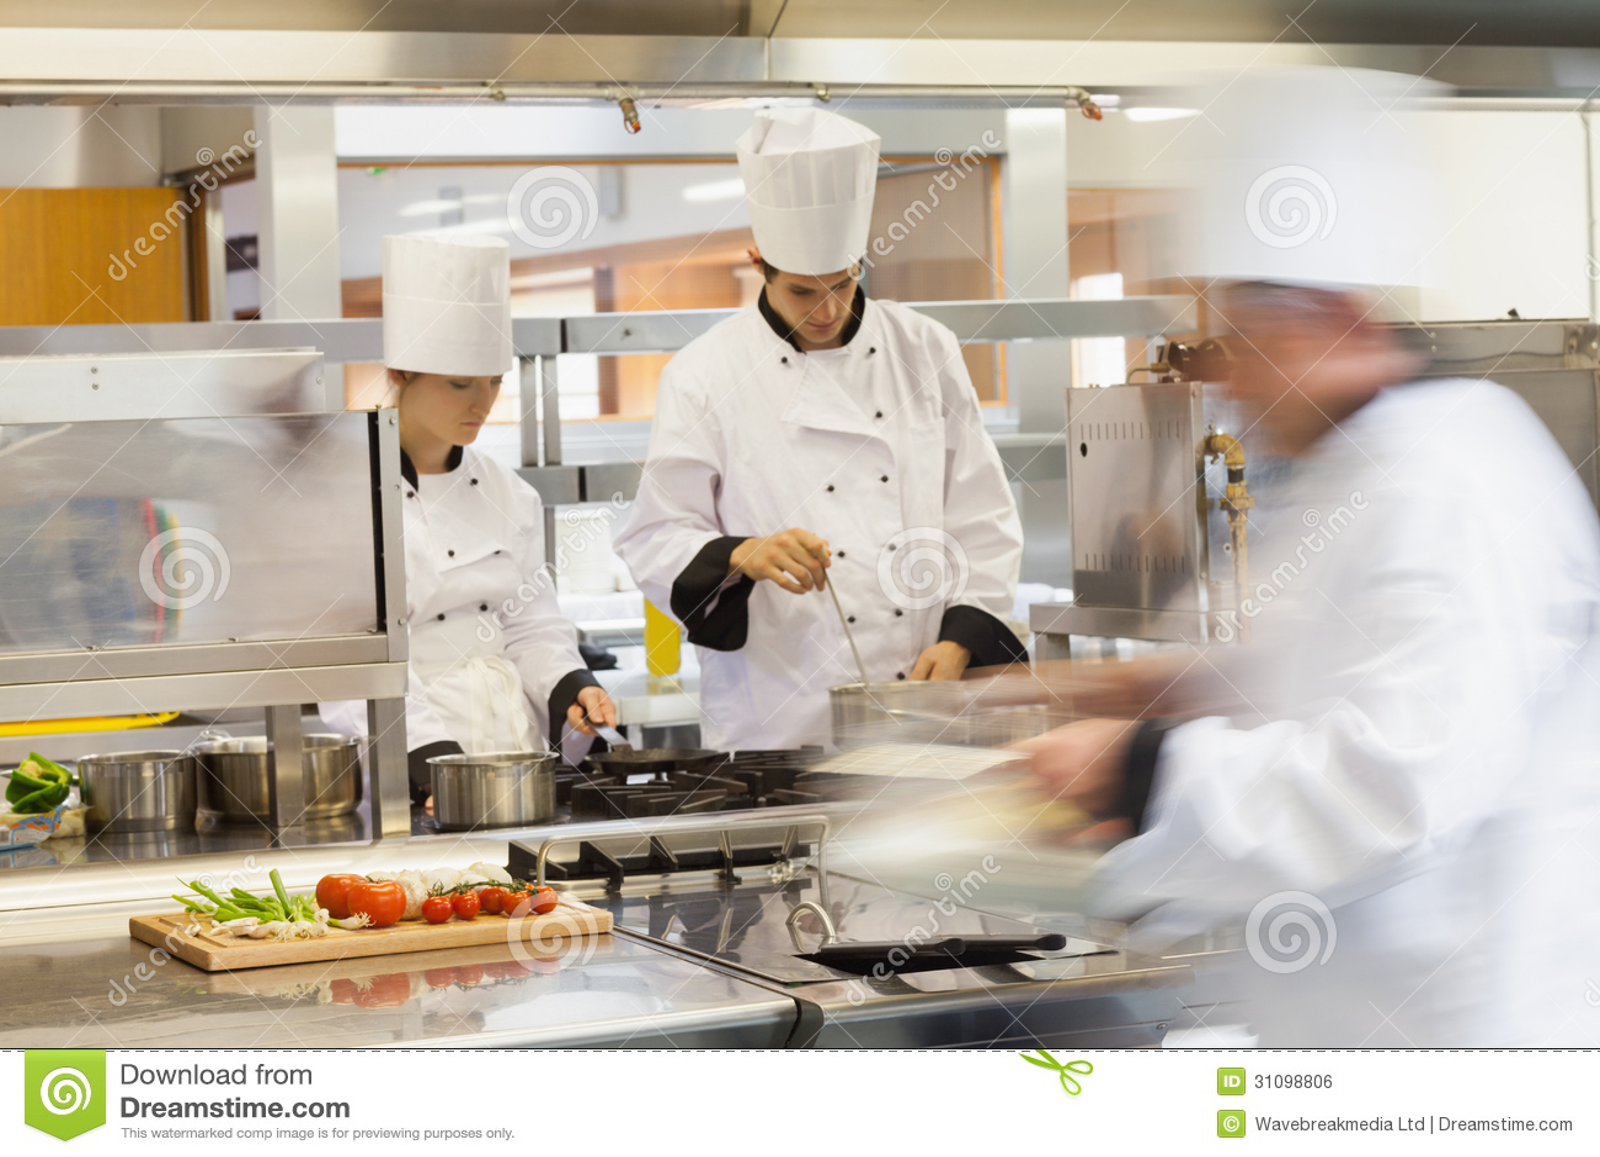 beschäftigte chefs bei der arbeit in der küche lizenzfreies ... - Küche Arbeit